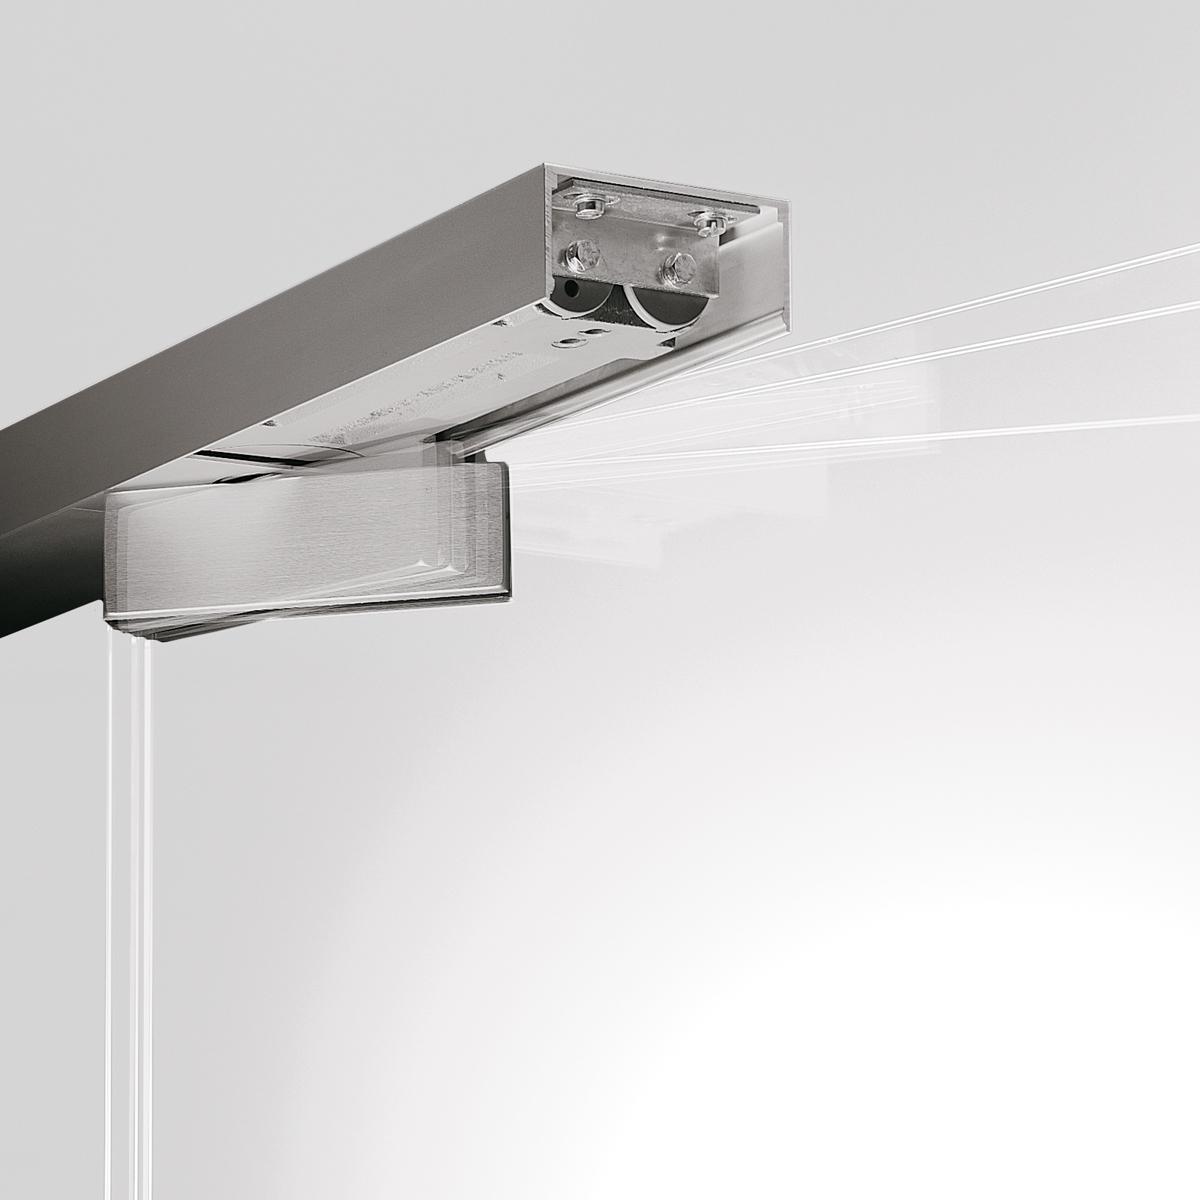 Dorma Rp Pivot Door System With Concealed Transom Door